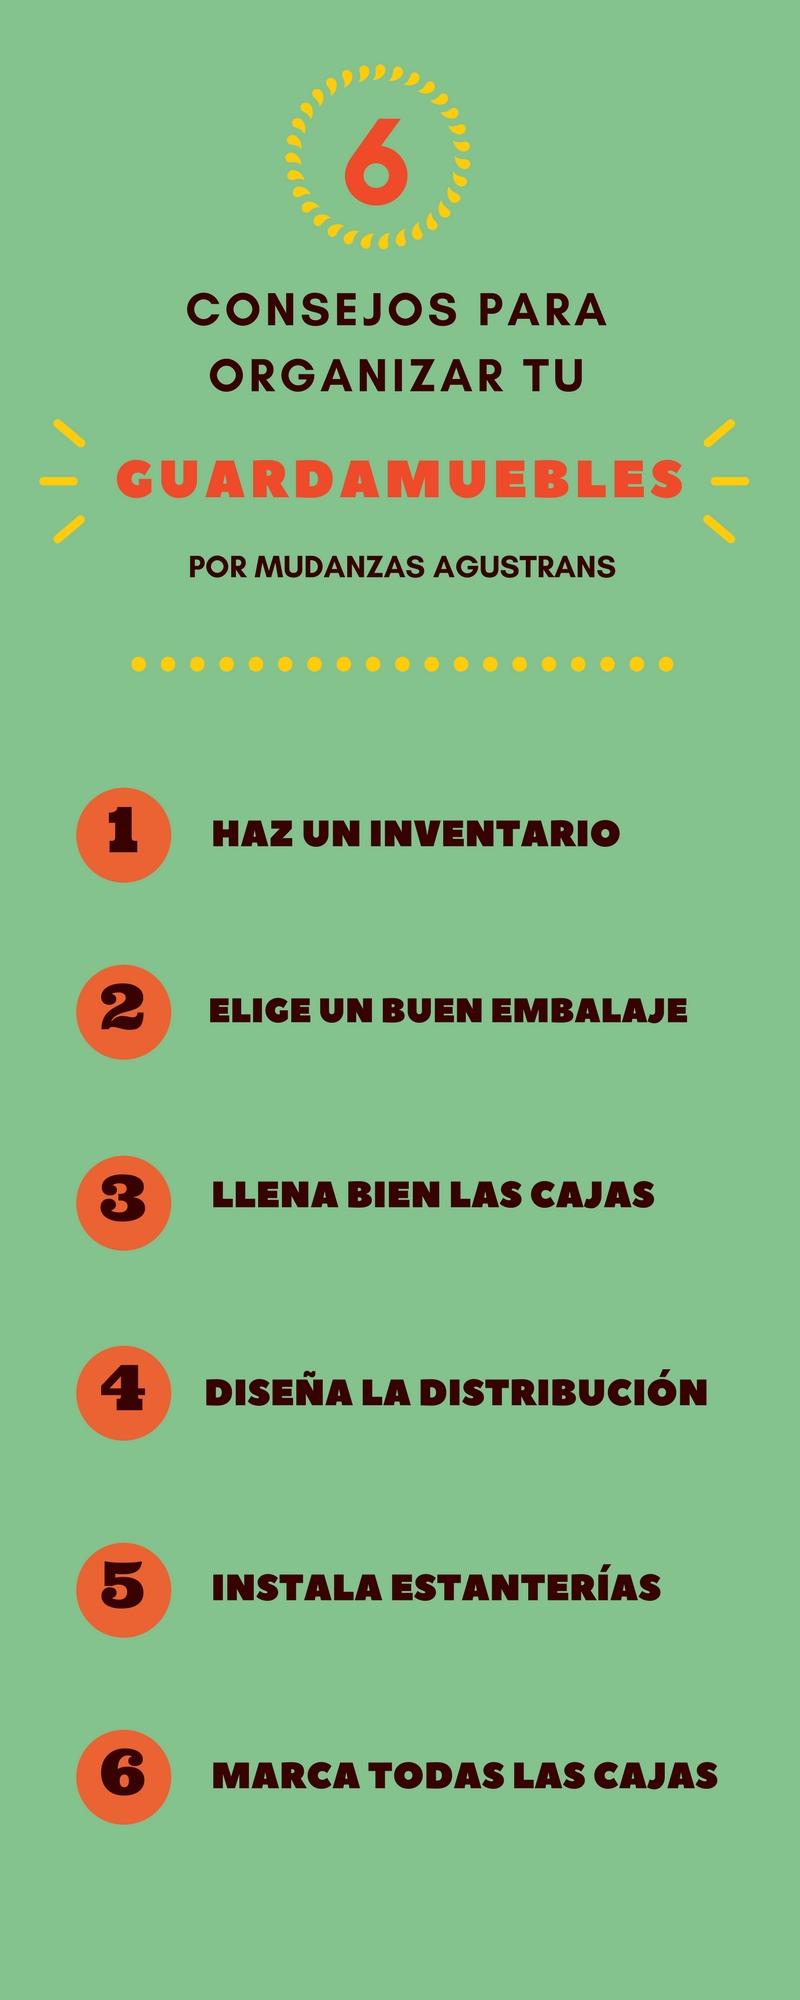 Infografía práctica para saber cómo organizar un guardamuebles